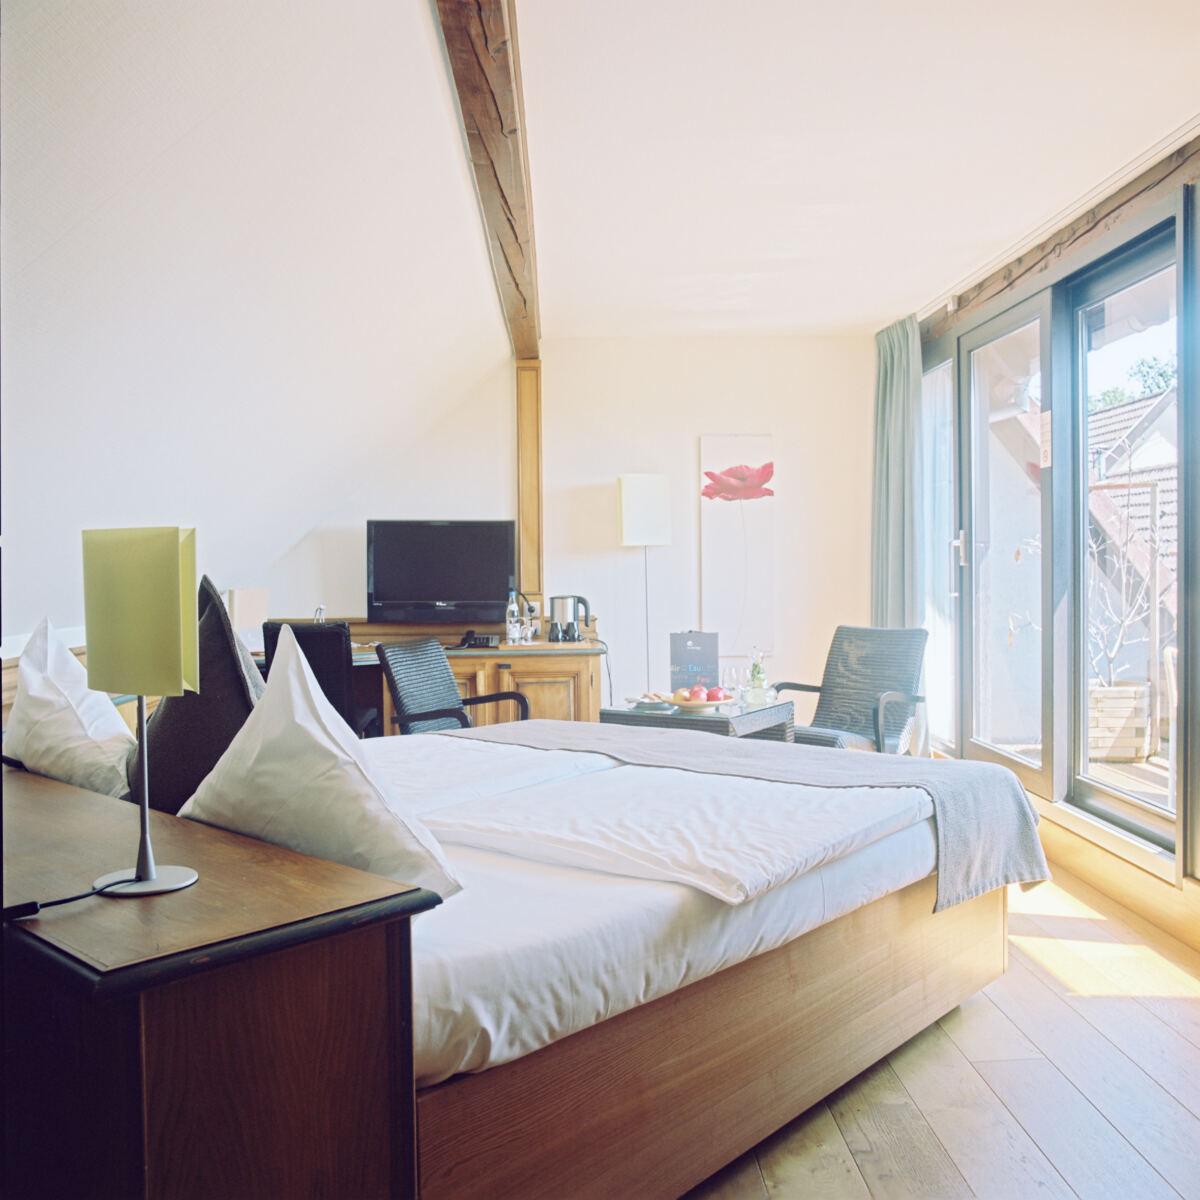 La Clairiere bio & spa hotel